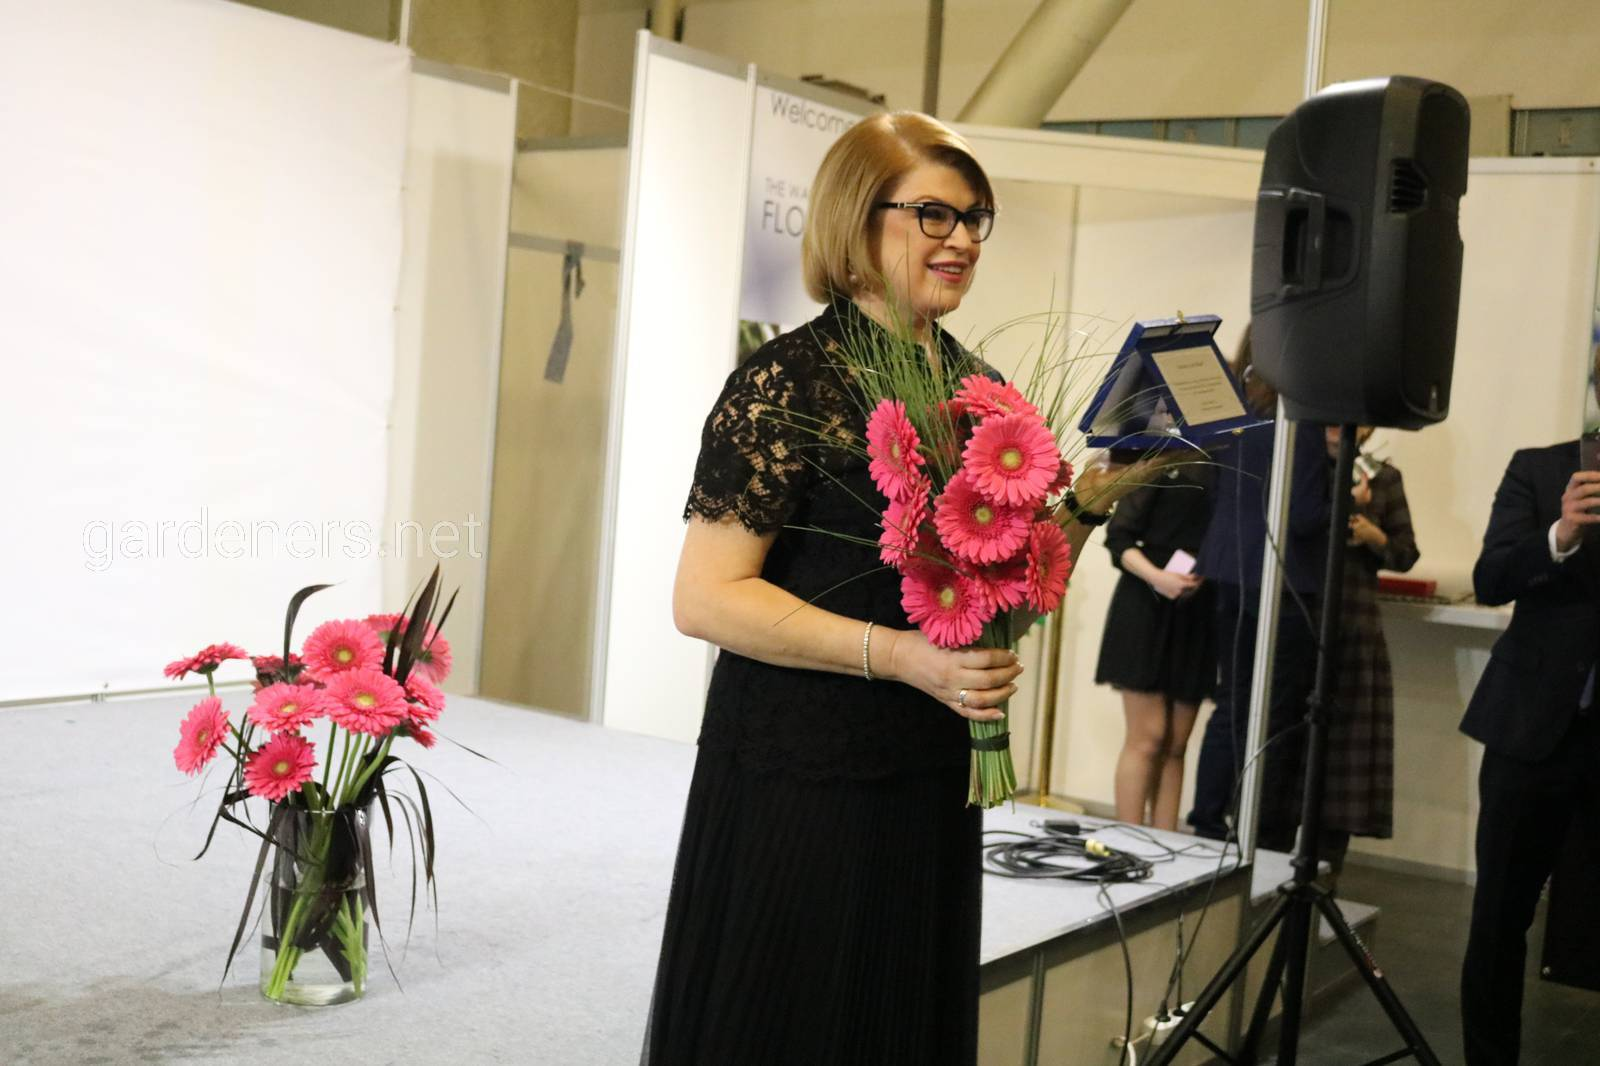 церемонію присвячення сорту гербери компанії Florist Holland пані Кінах Марині!.JPG